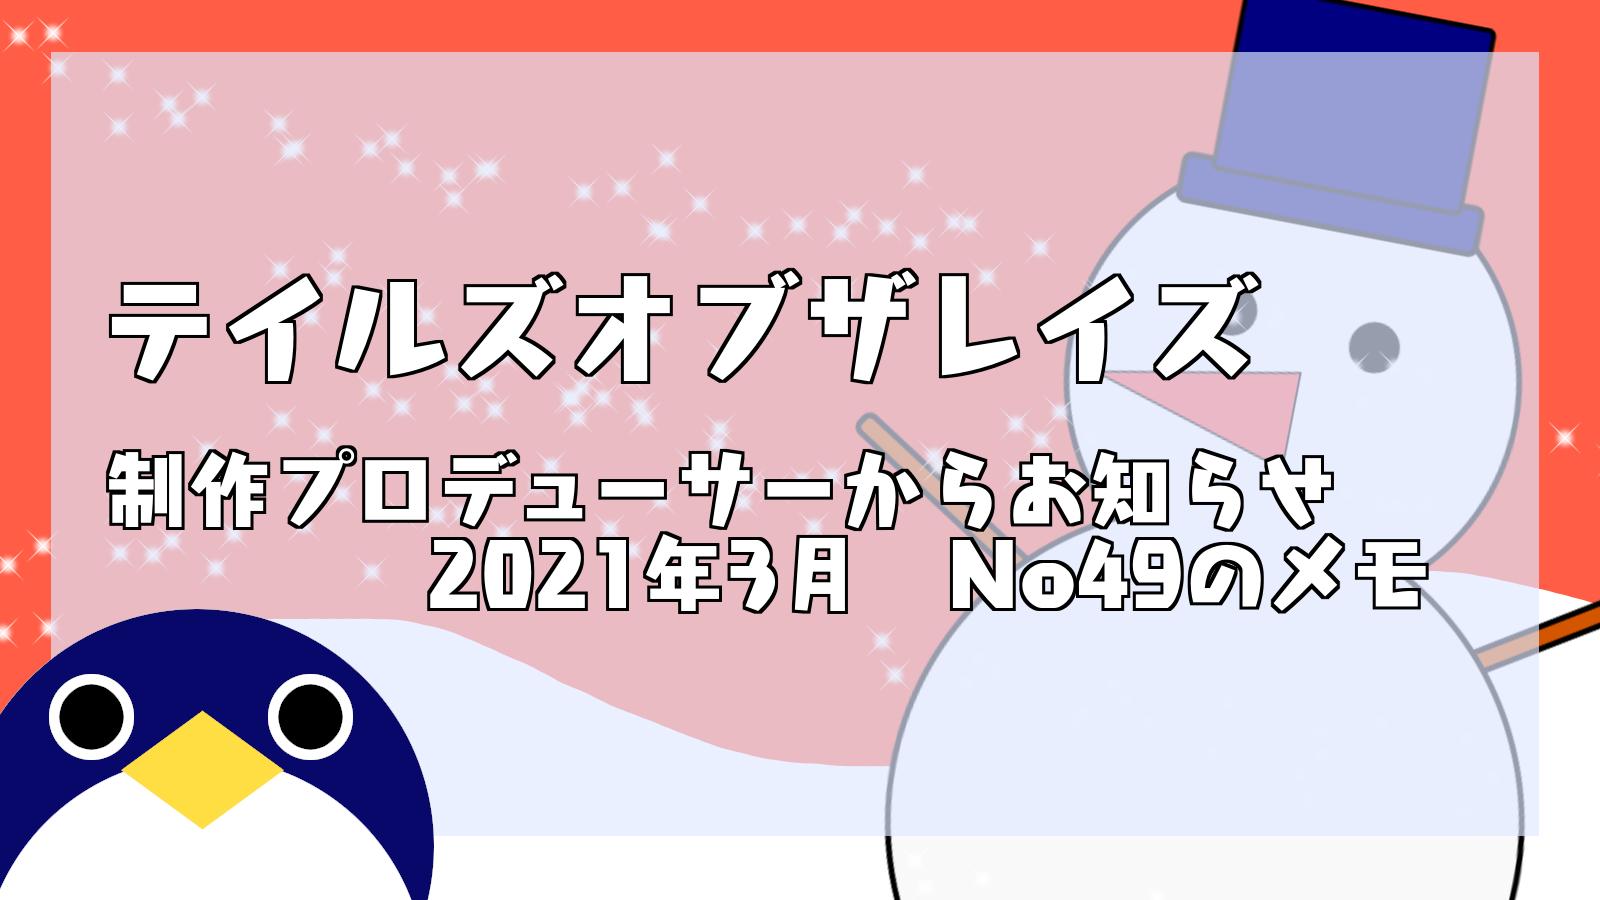 2021年03月Pレター